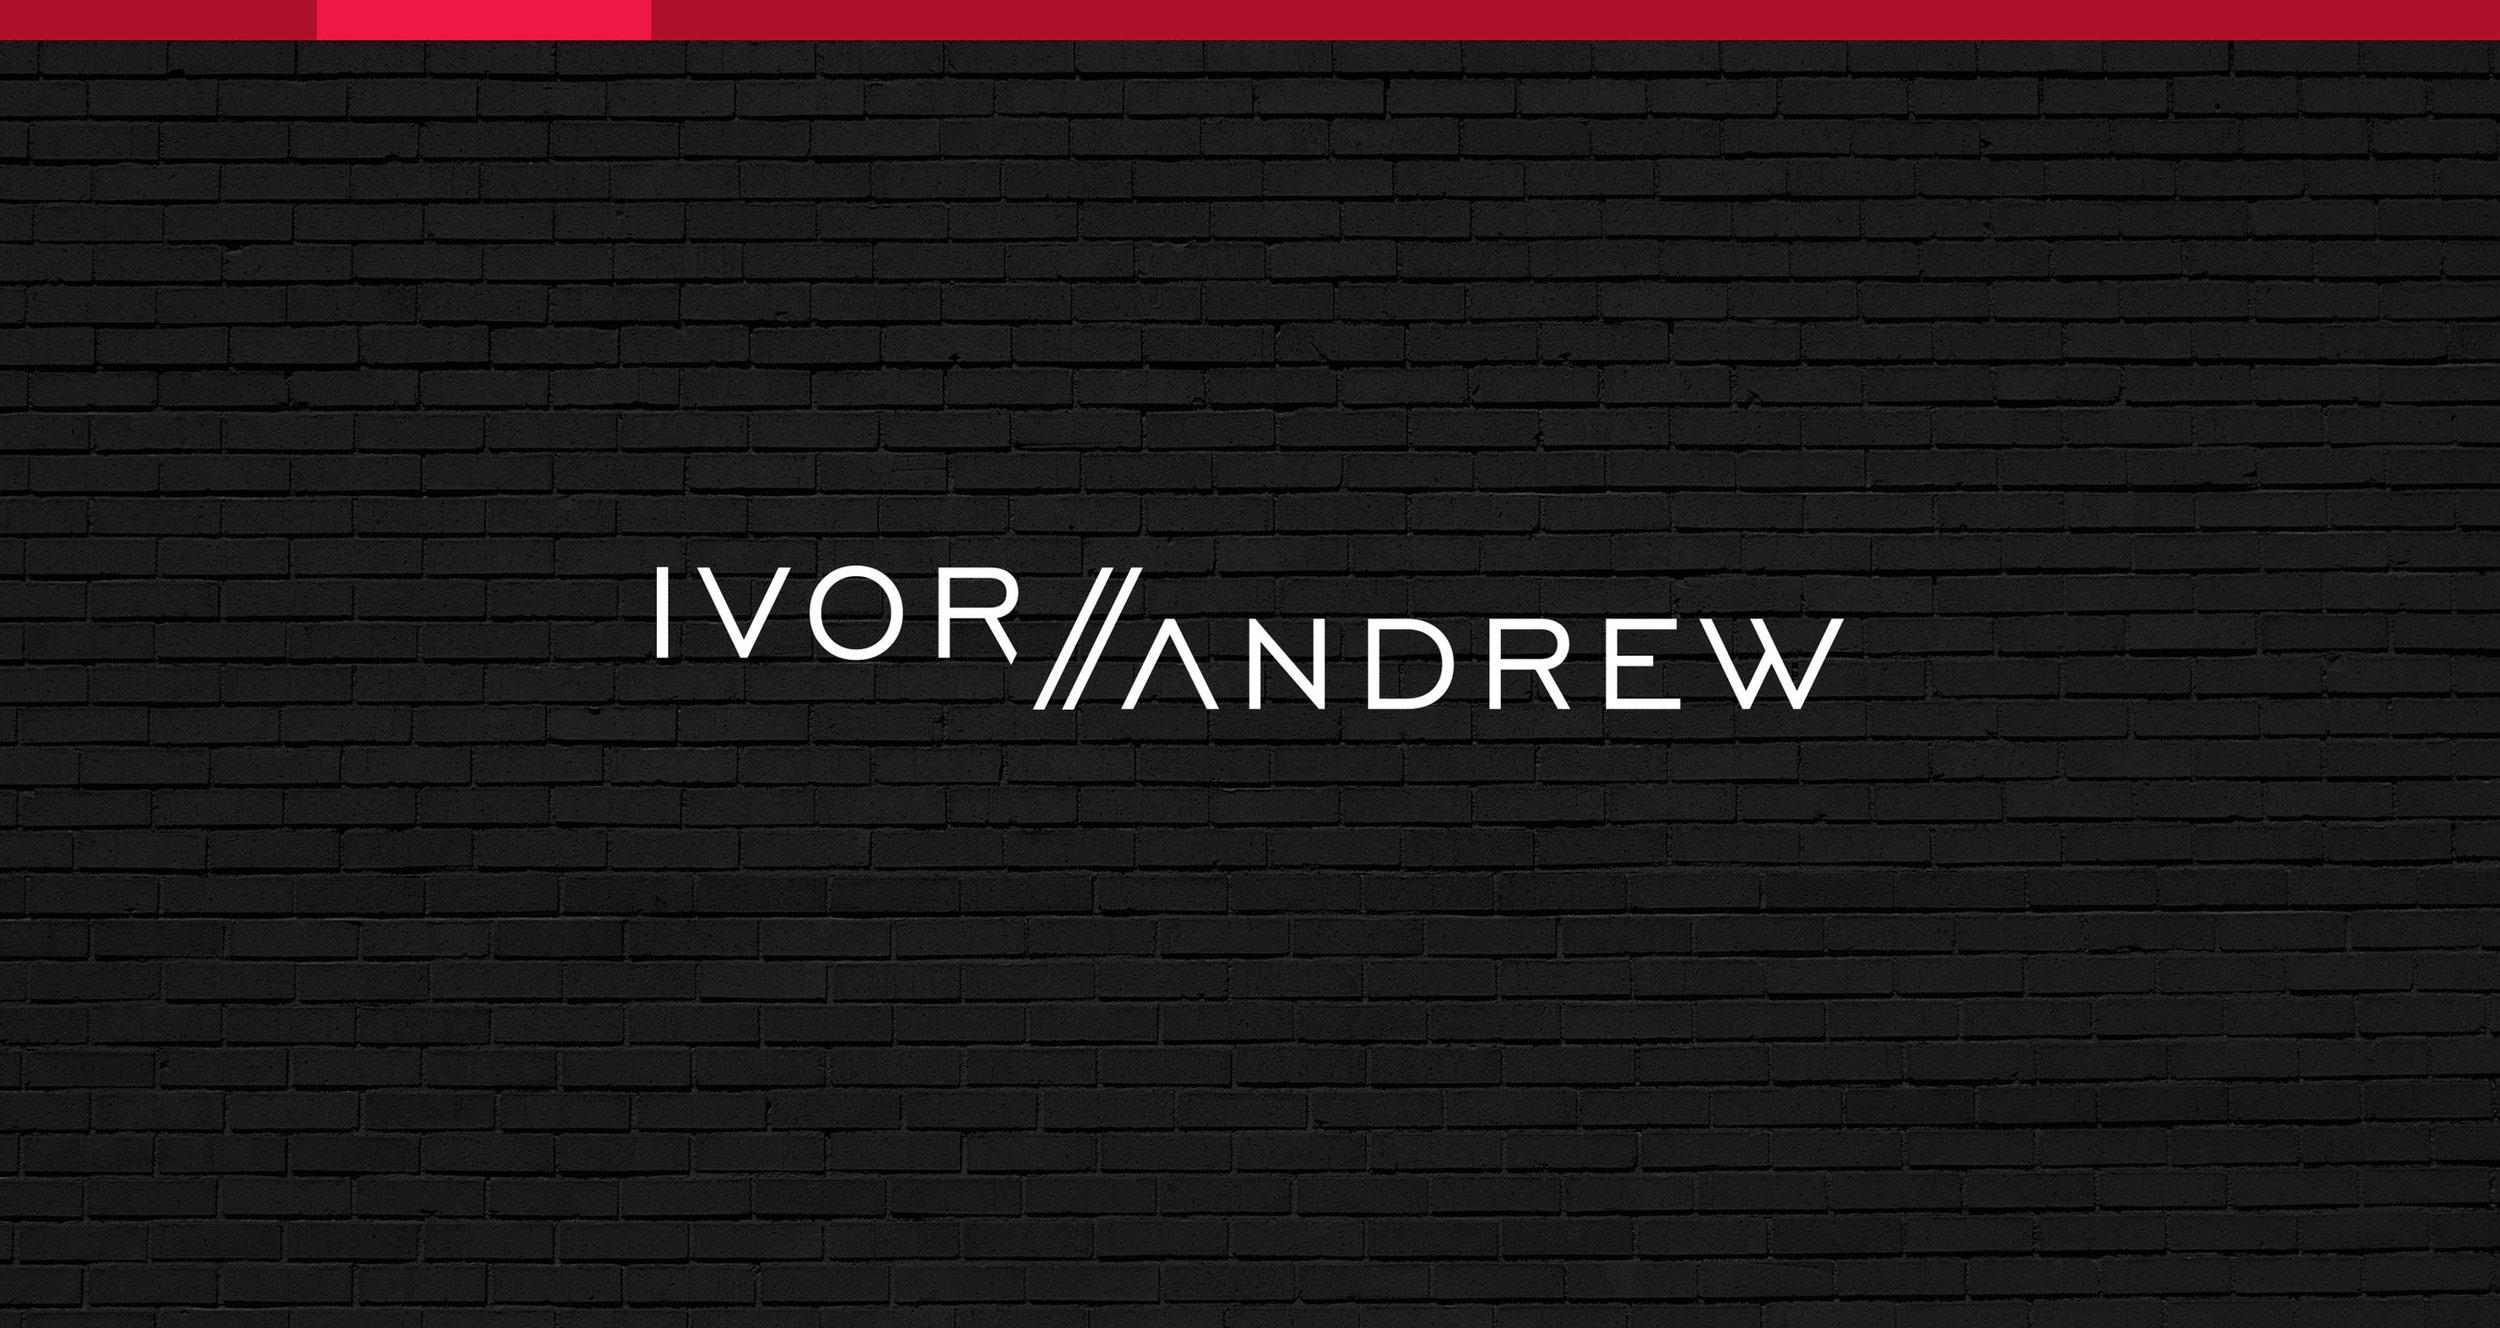 ivor-andrew-logo-cover.jpg